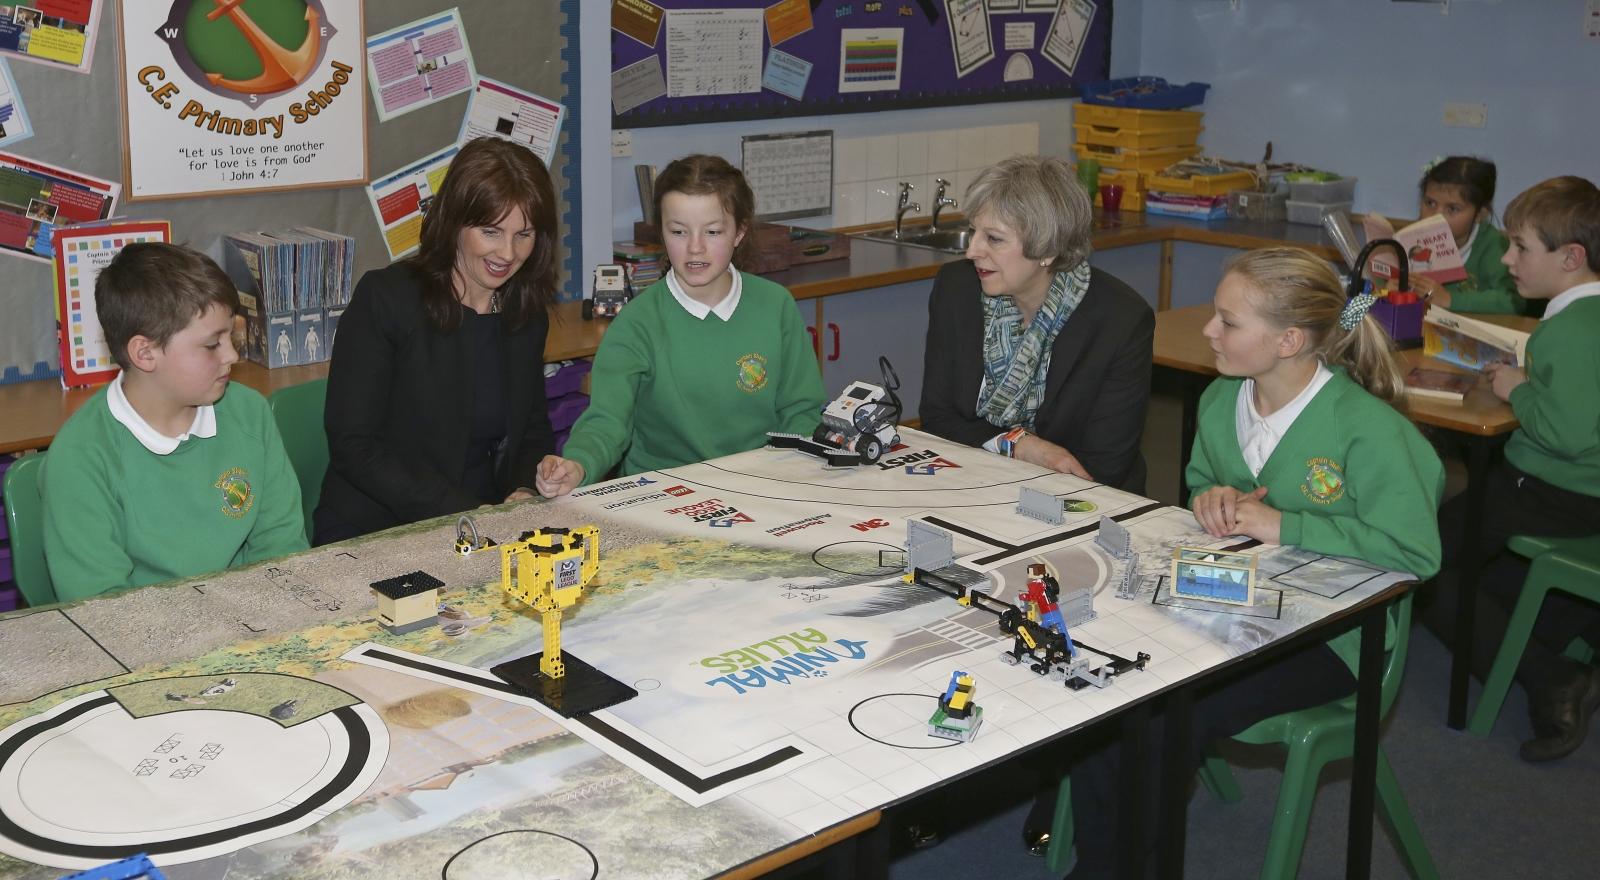 Theresa May school